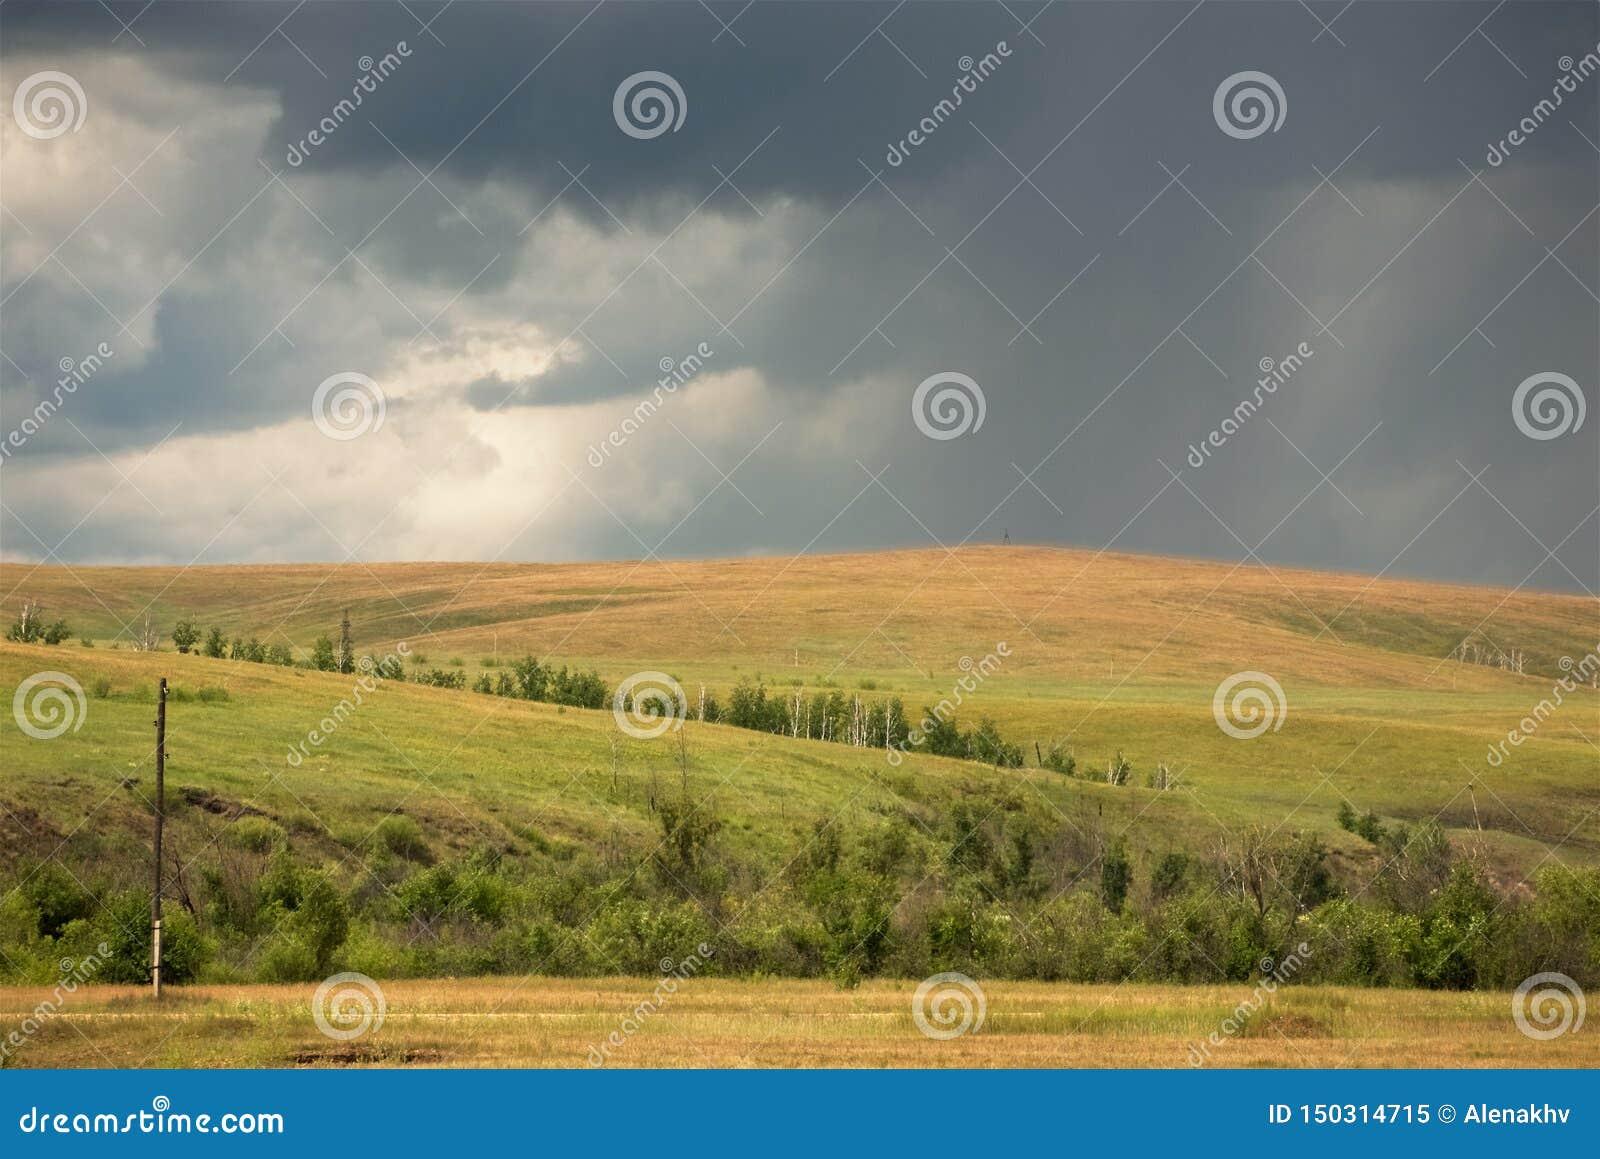 Szare burzowe nieba i deszczu linie nad żółtymi polami